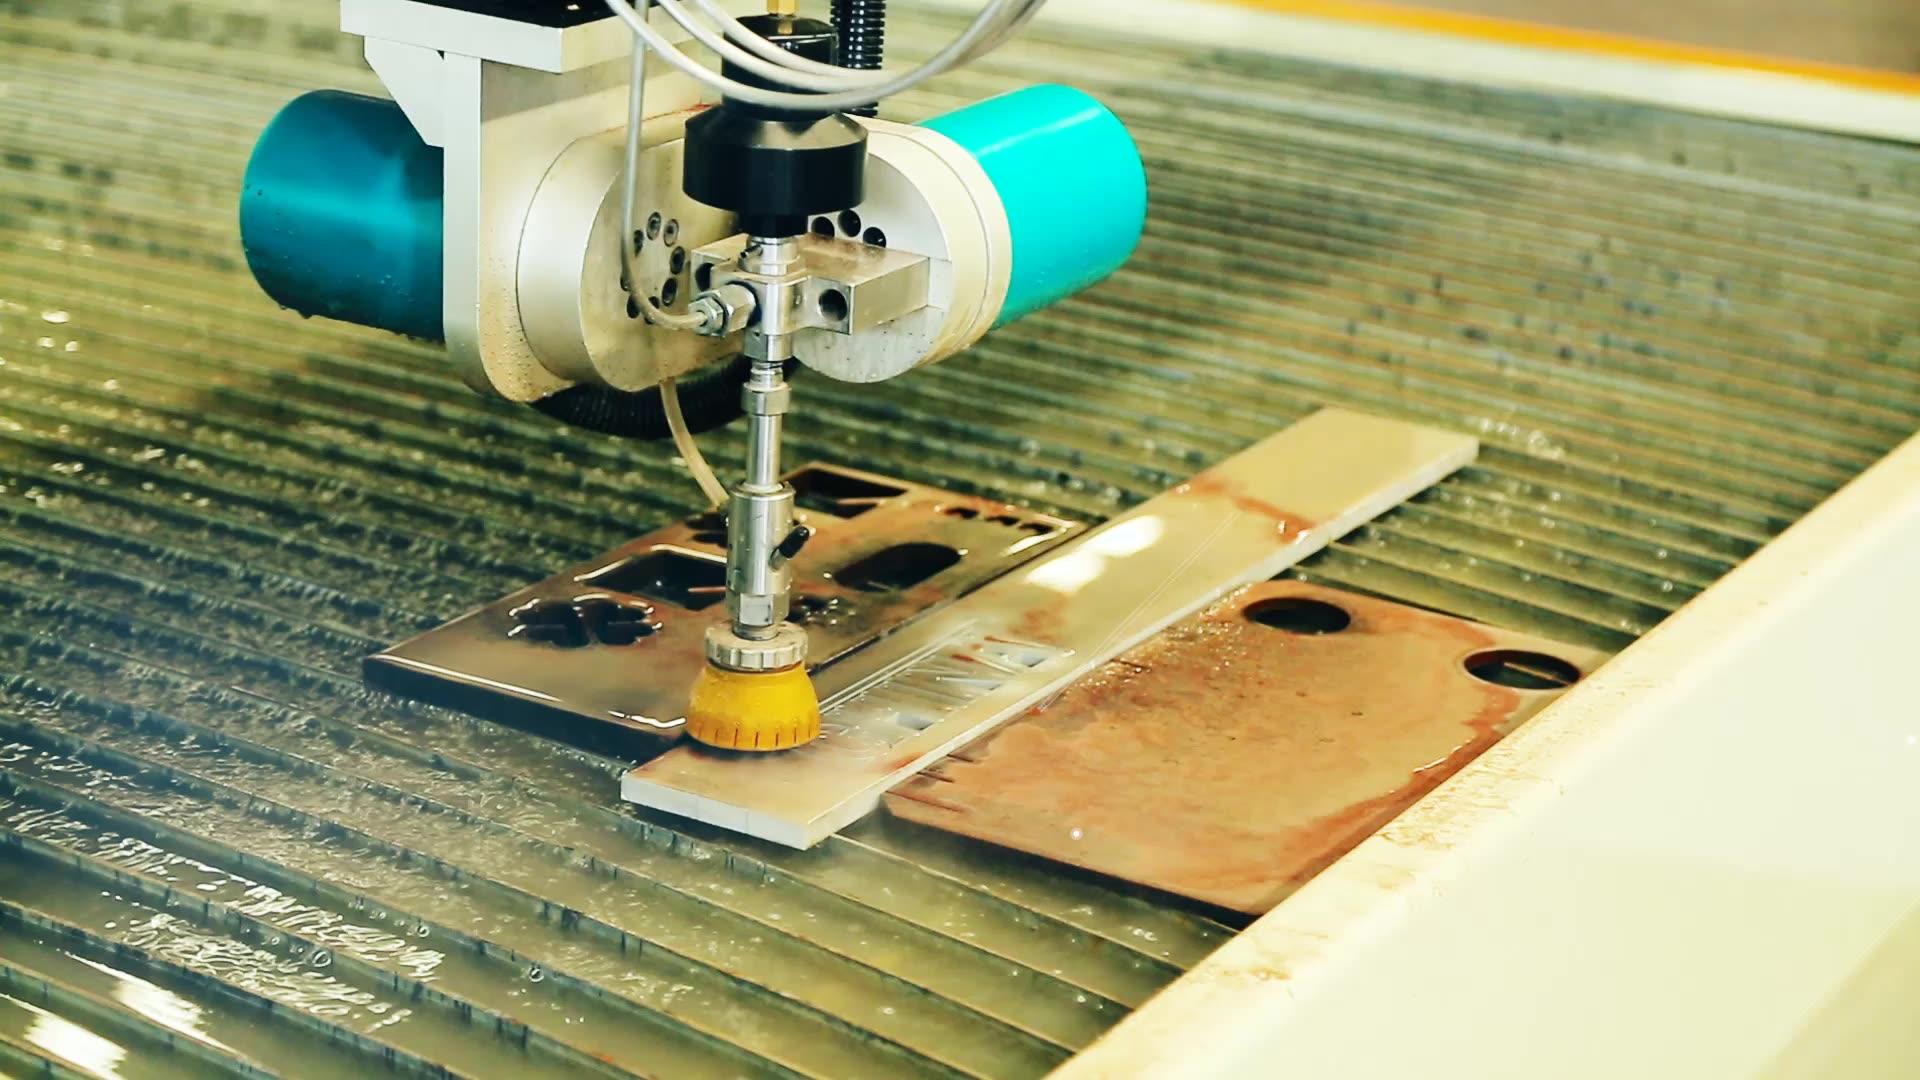 1515  Small Abrasive Waterjet Machining Cutting Machine